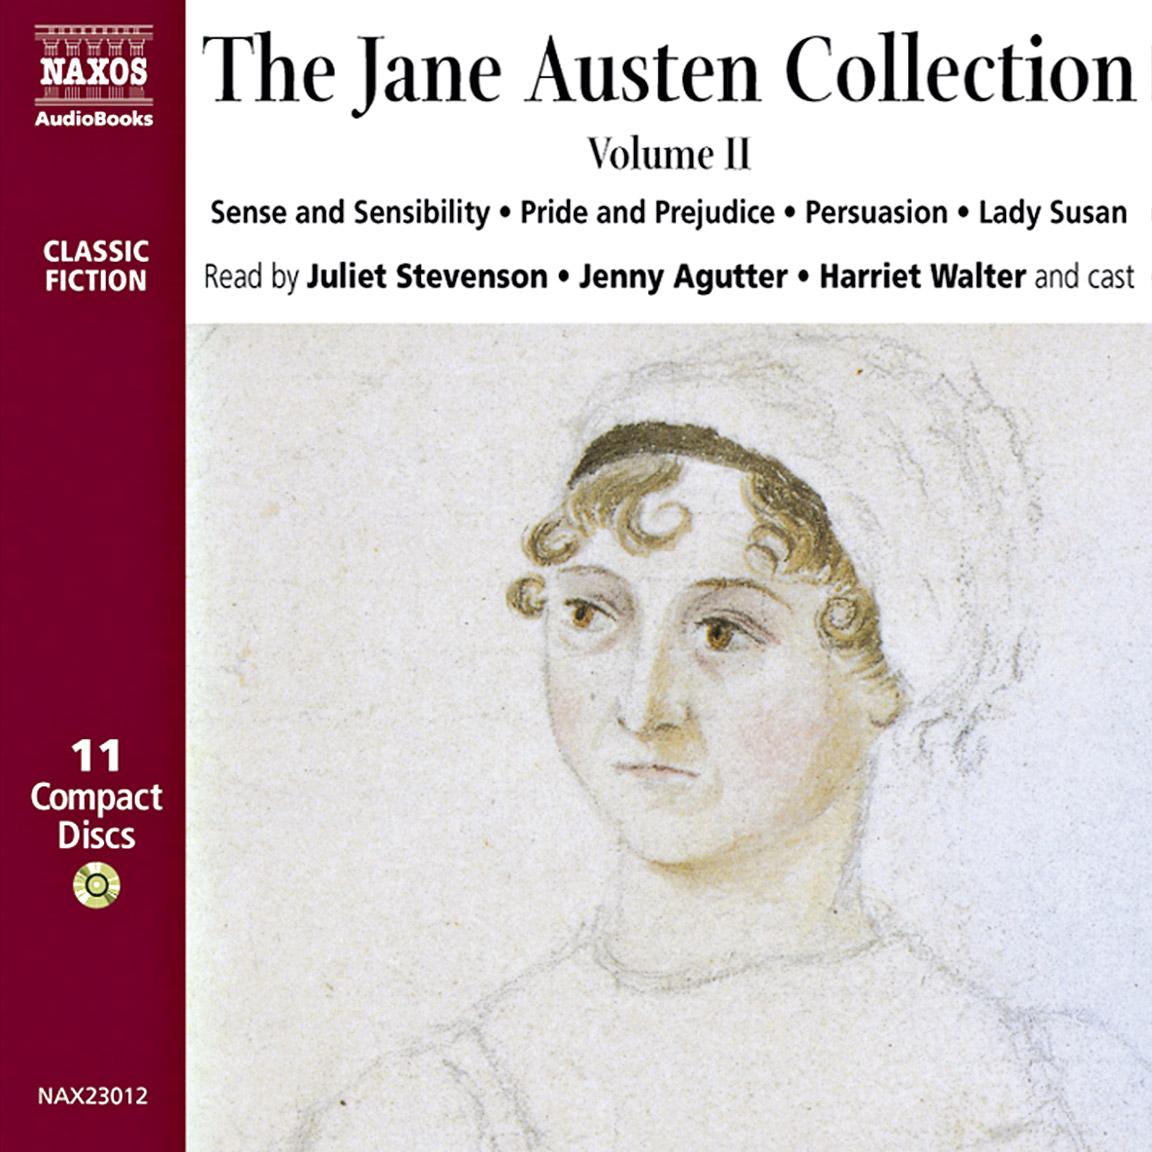 The Jane Austen Collection – Volume II (unabridged)